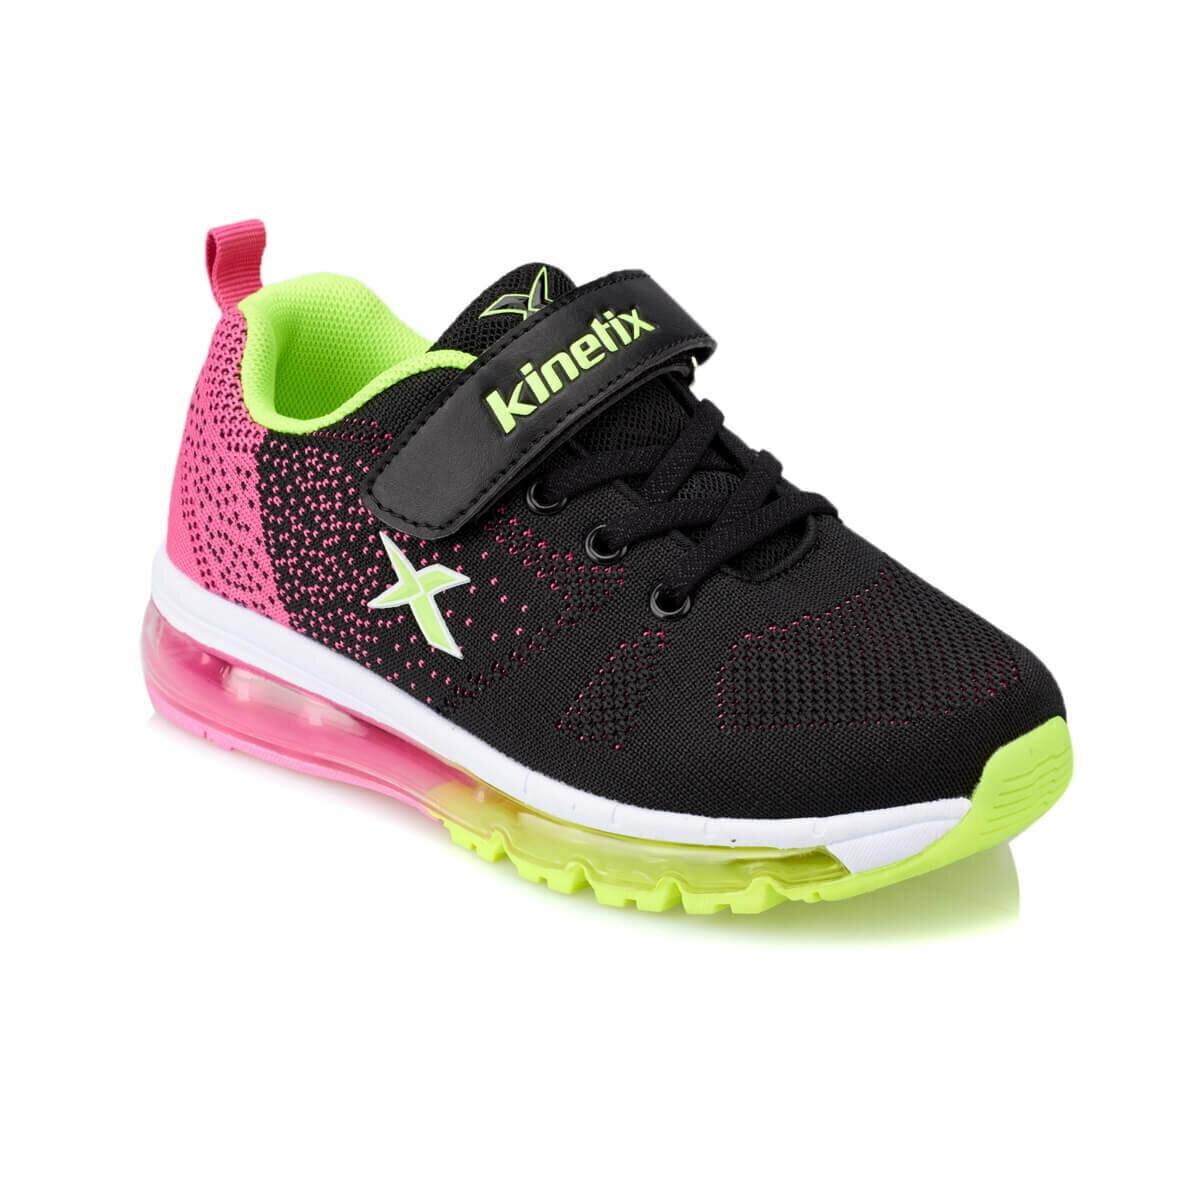 FLO GOLDA Black Female Child Running Shoes KINETIX